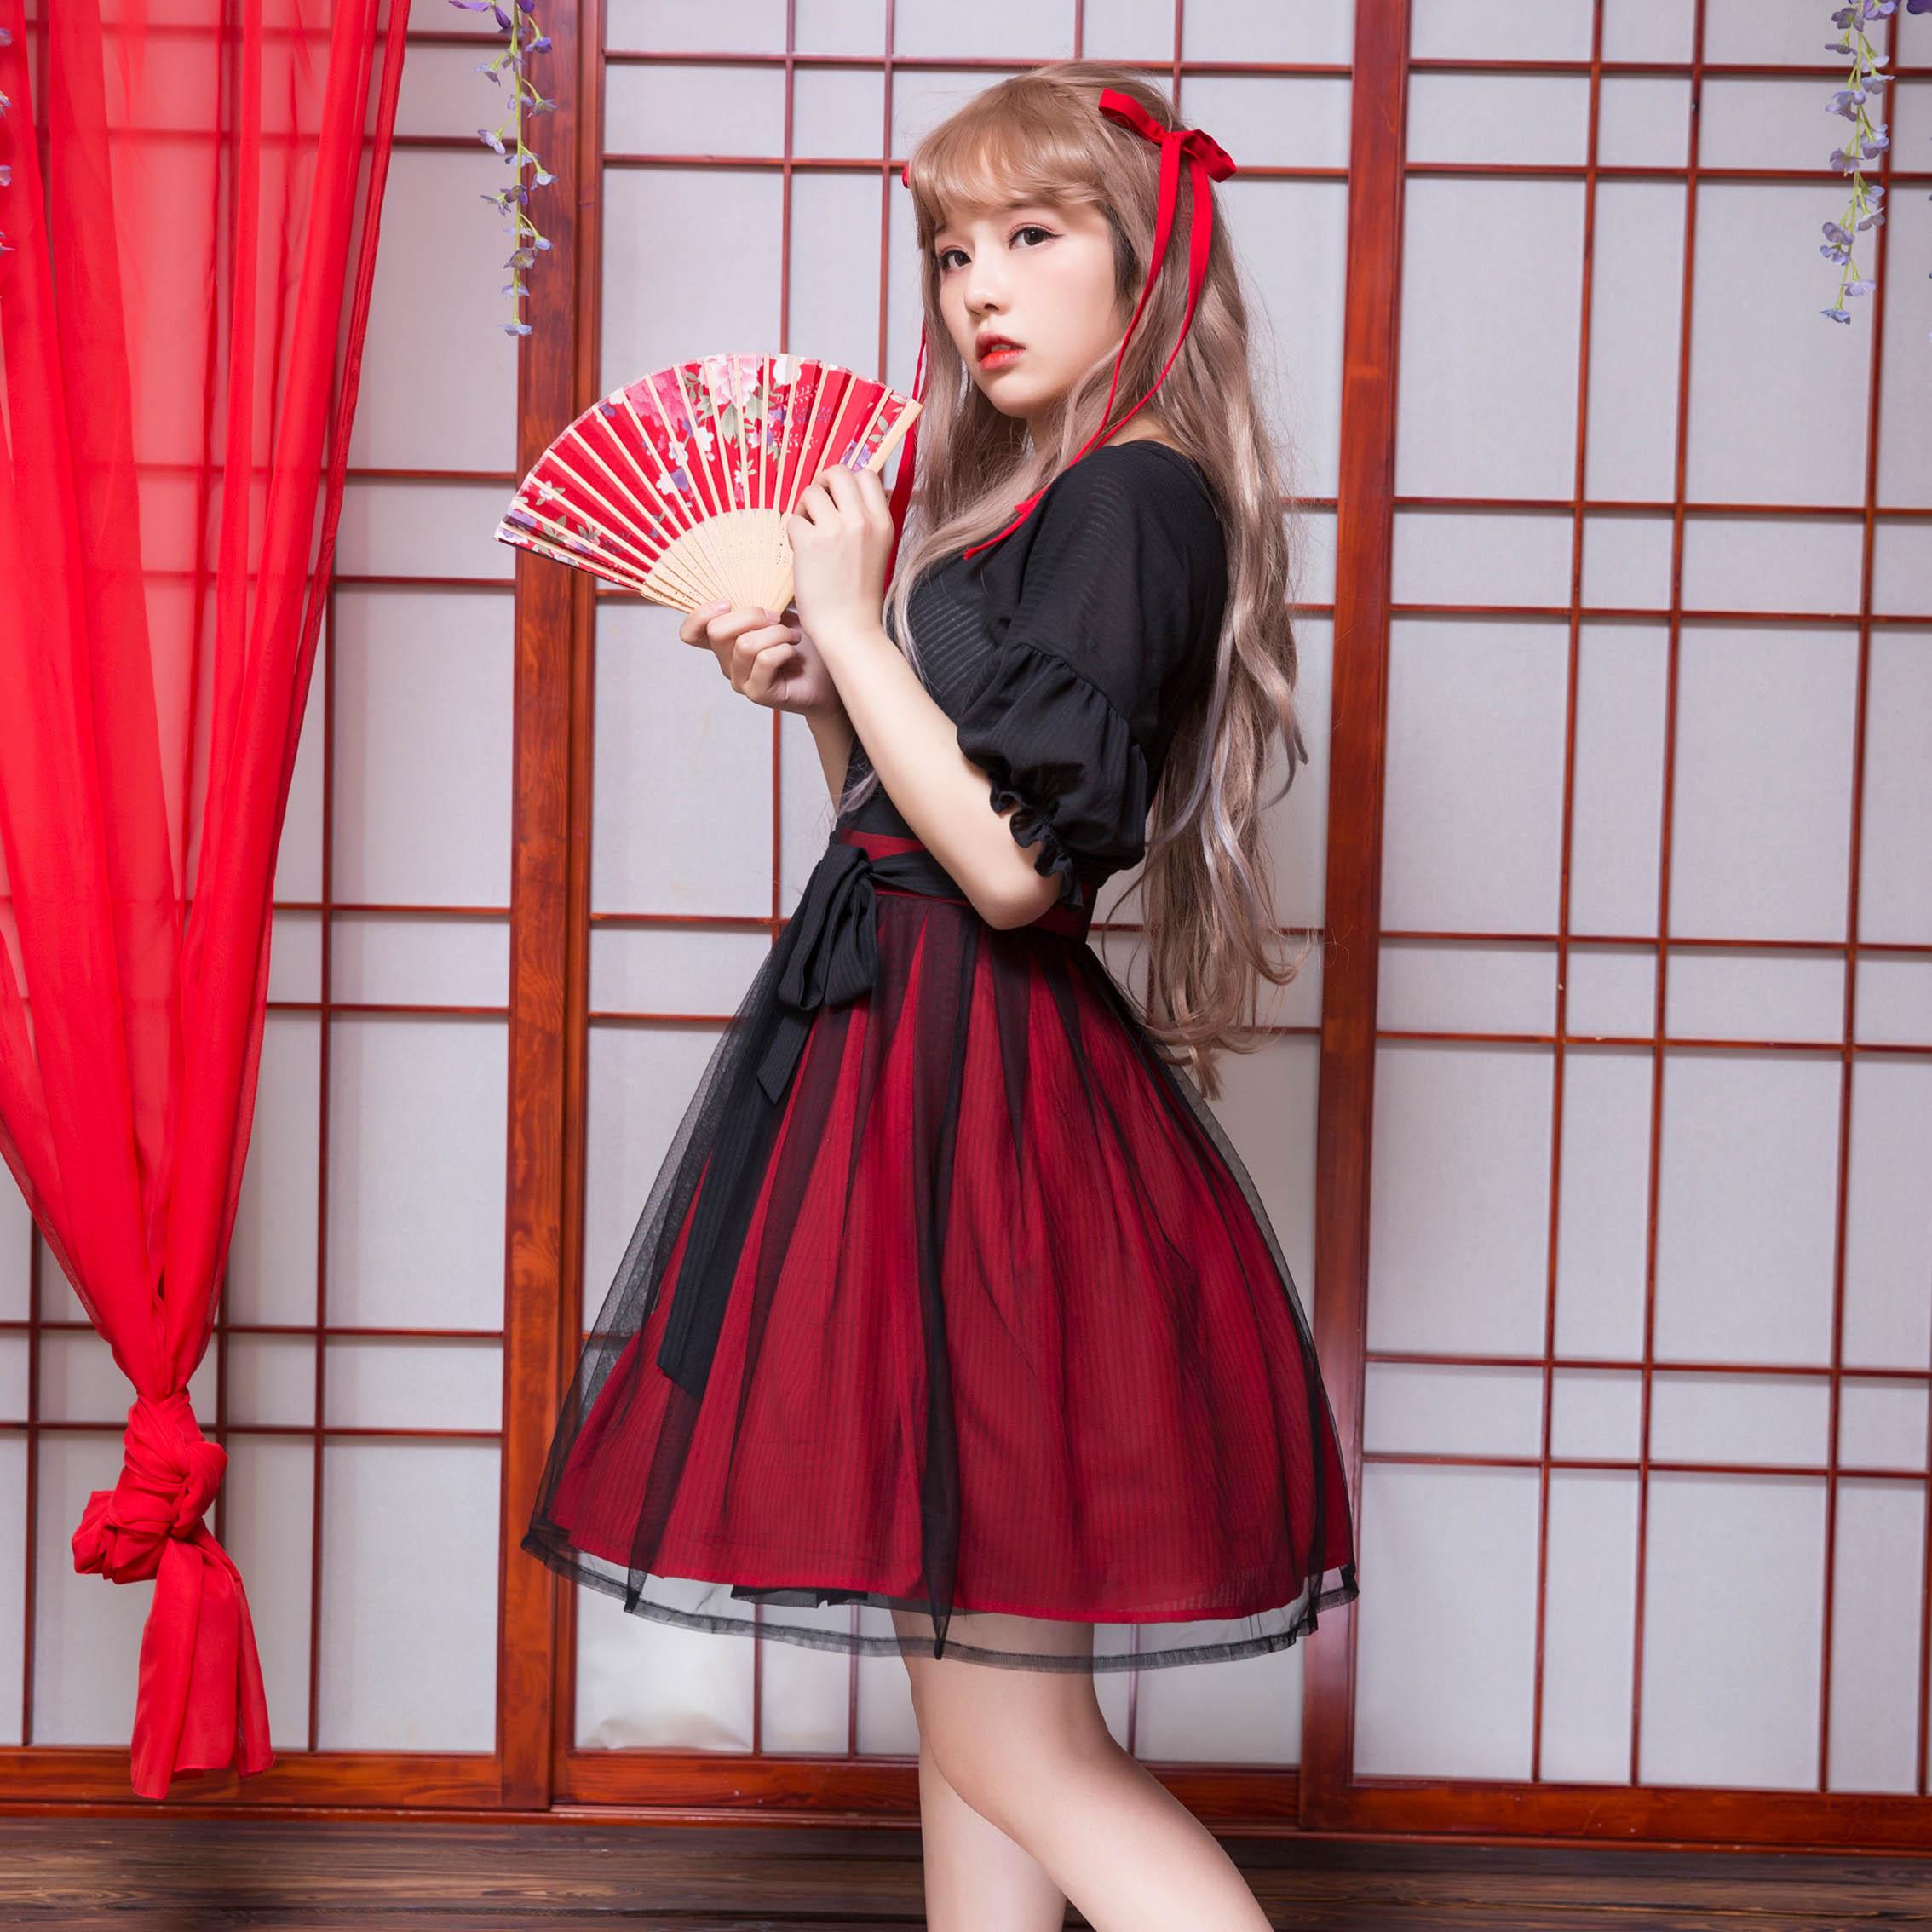 링 긴 tou (절묘한 주사위) 우아한 중국 전통 hanfu 블랙 + 레드 드레스 한 요소 짧은 소매 드레스 원피스-에서드레스부터 여성 의류 의  그룹 2